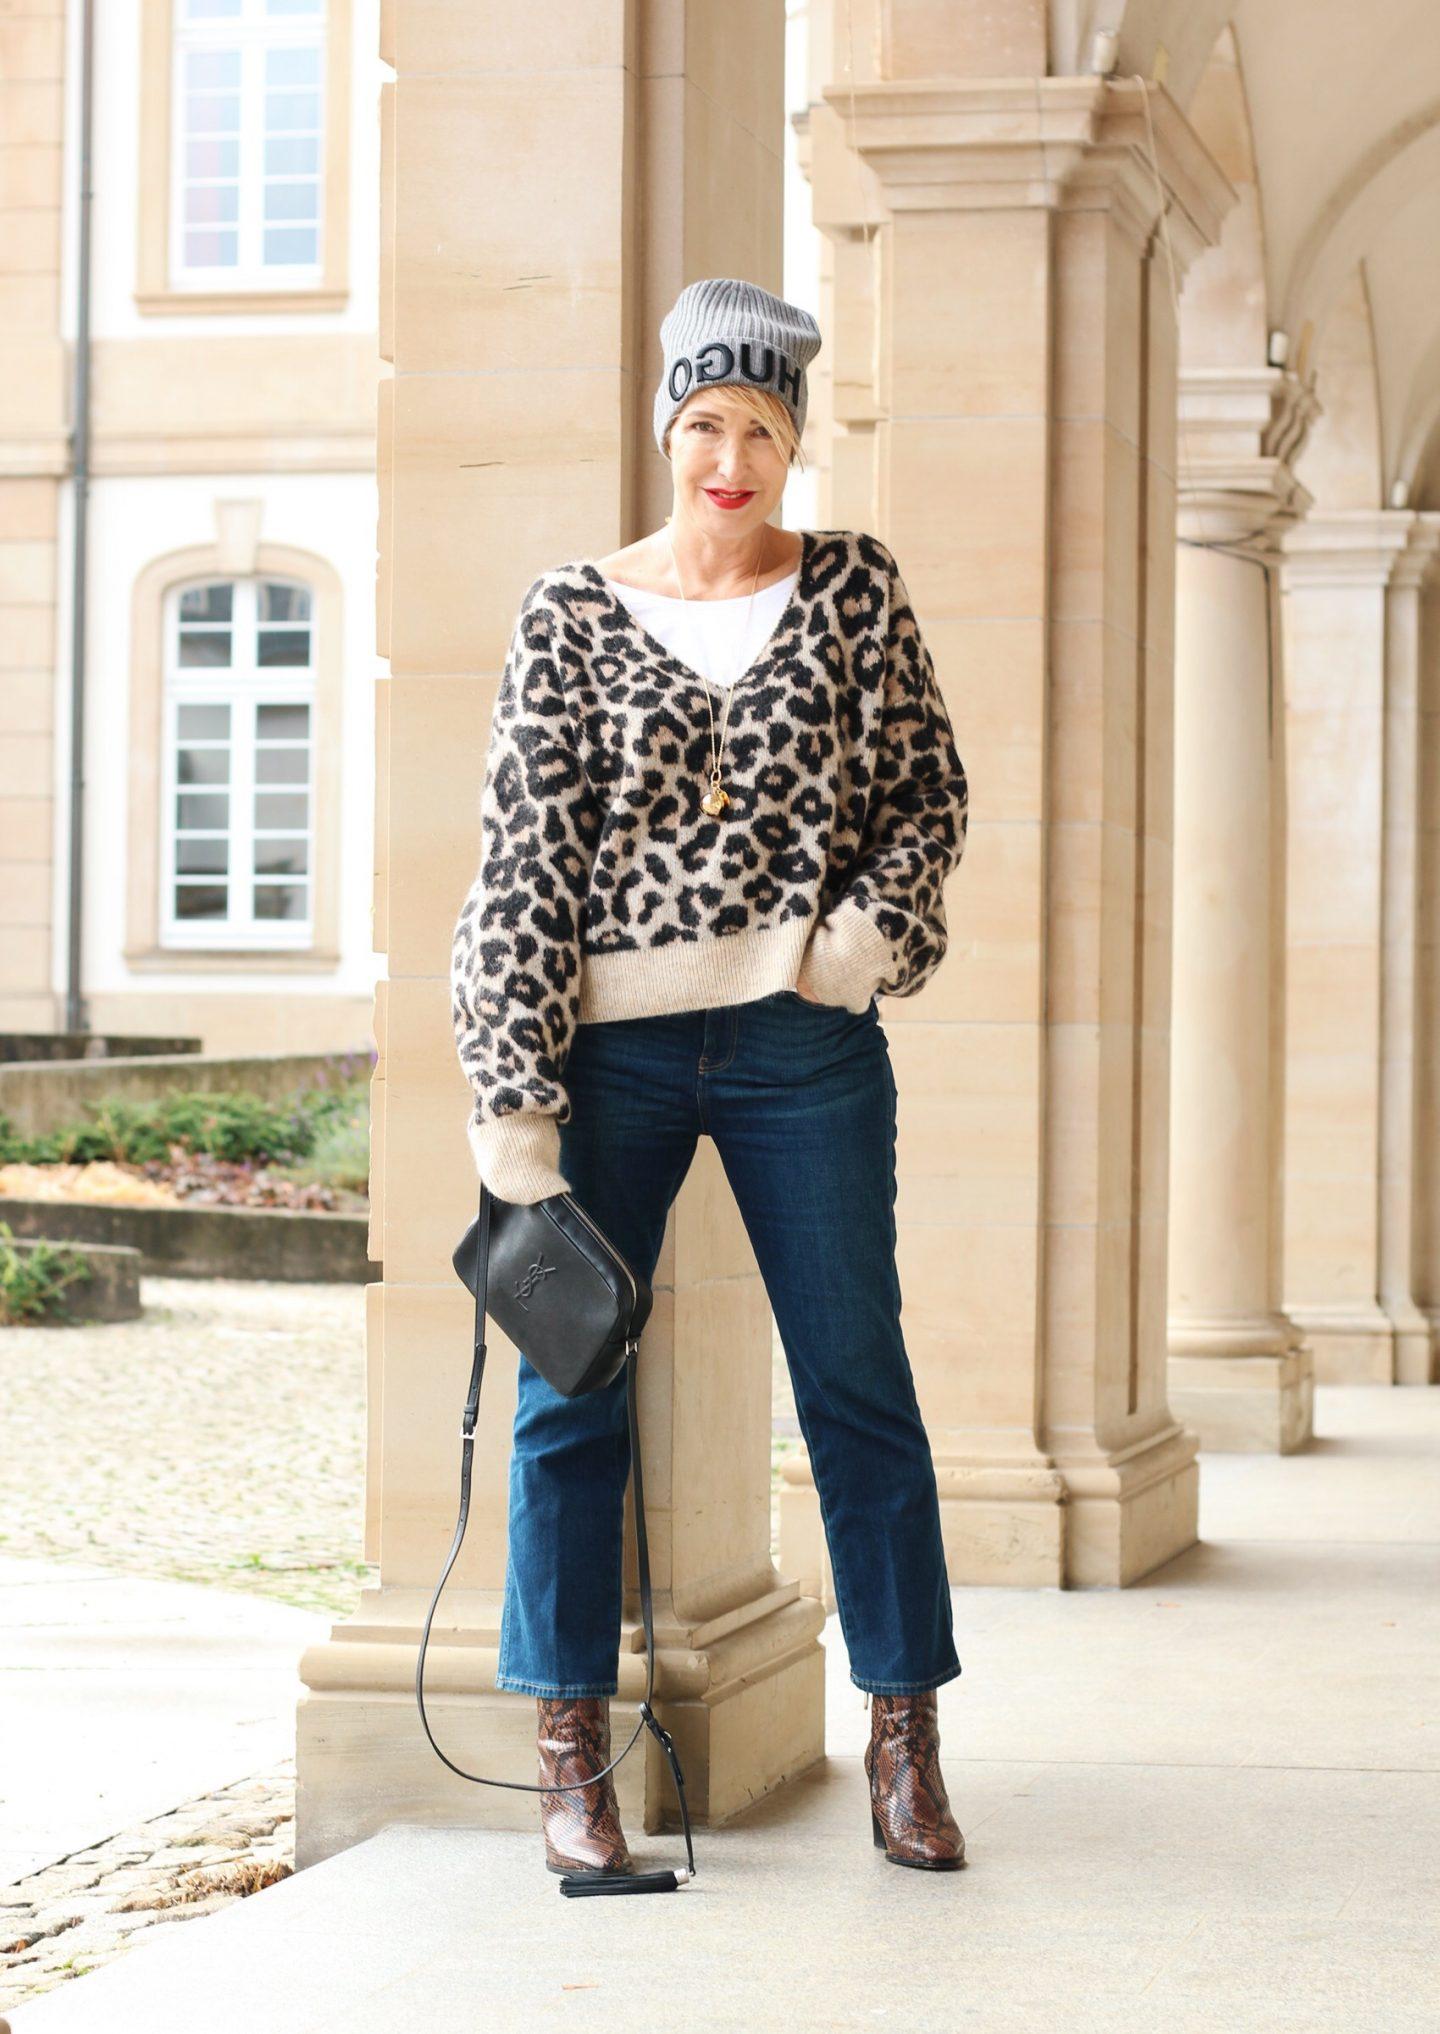 Der Leoparden-Muster Trend geht weiter